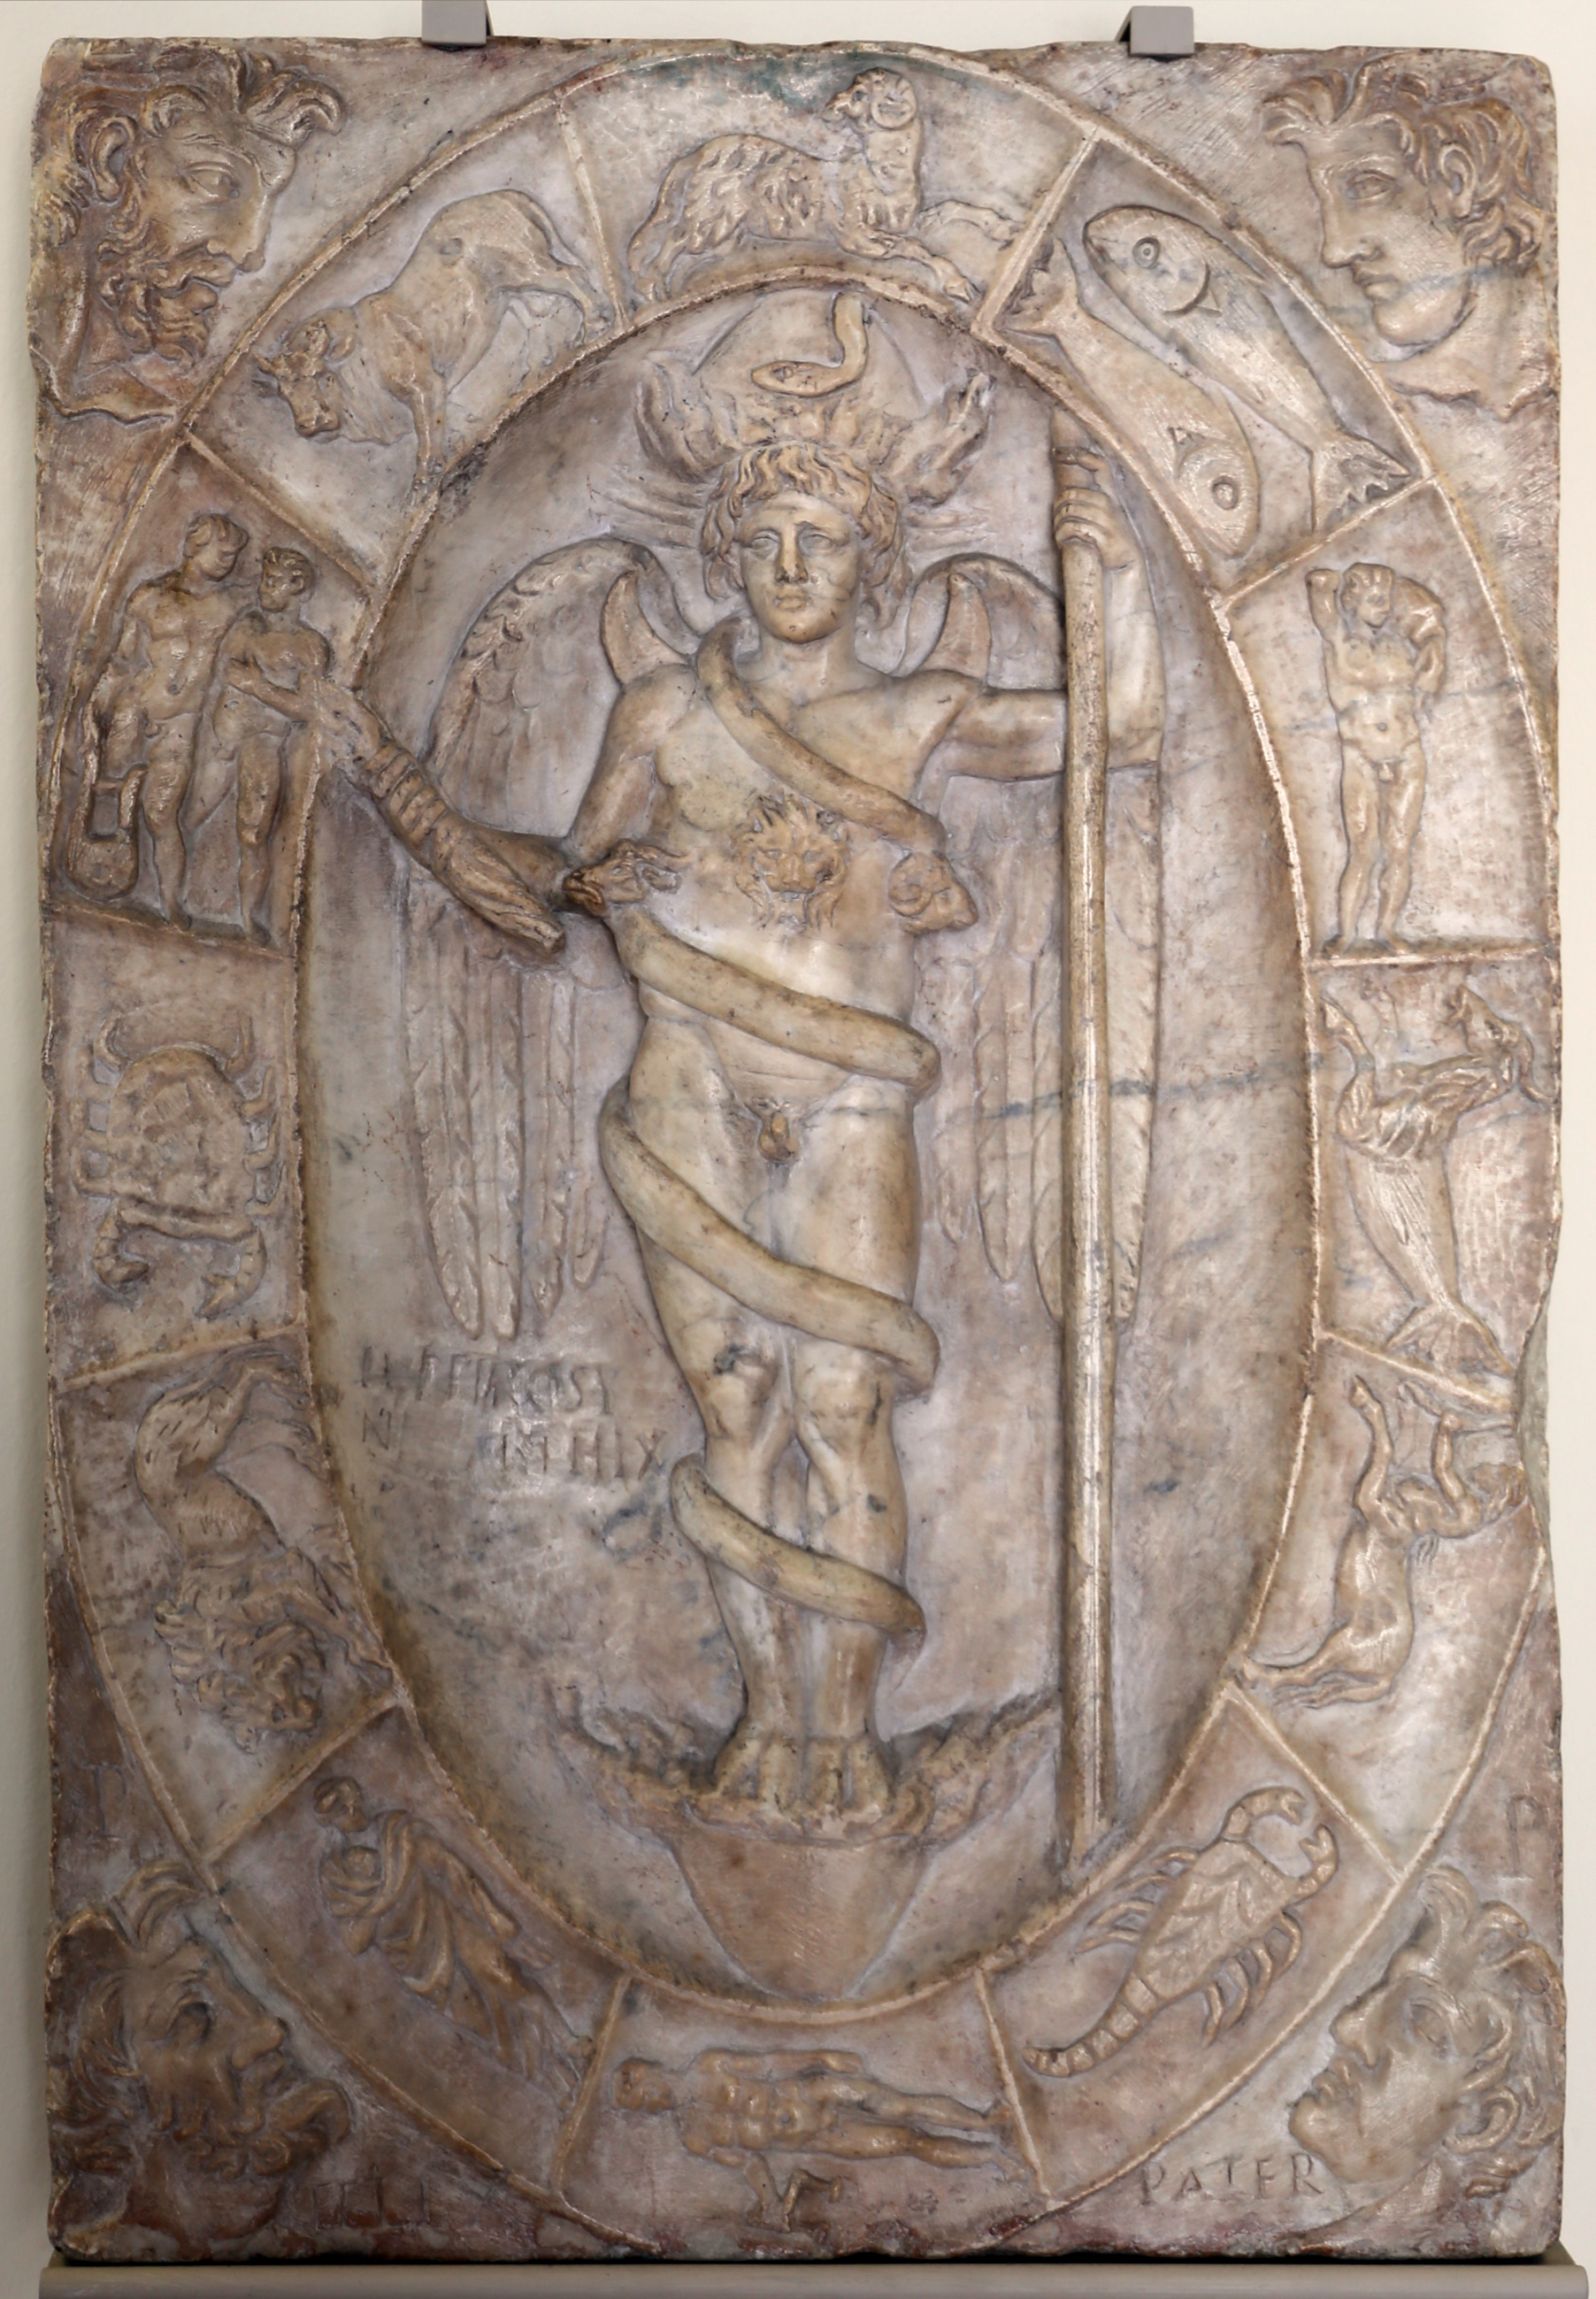 https://upload.wikimedia.org/wikipedia/commons/5/53/Arte_romana%2C_rilievo_con_aion-phanes_entro_lo_zodiaco%2C_150_dc_ca.%2C_probabilmente_da_un_mitreo.jpg